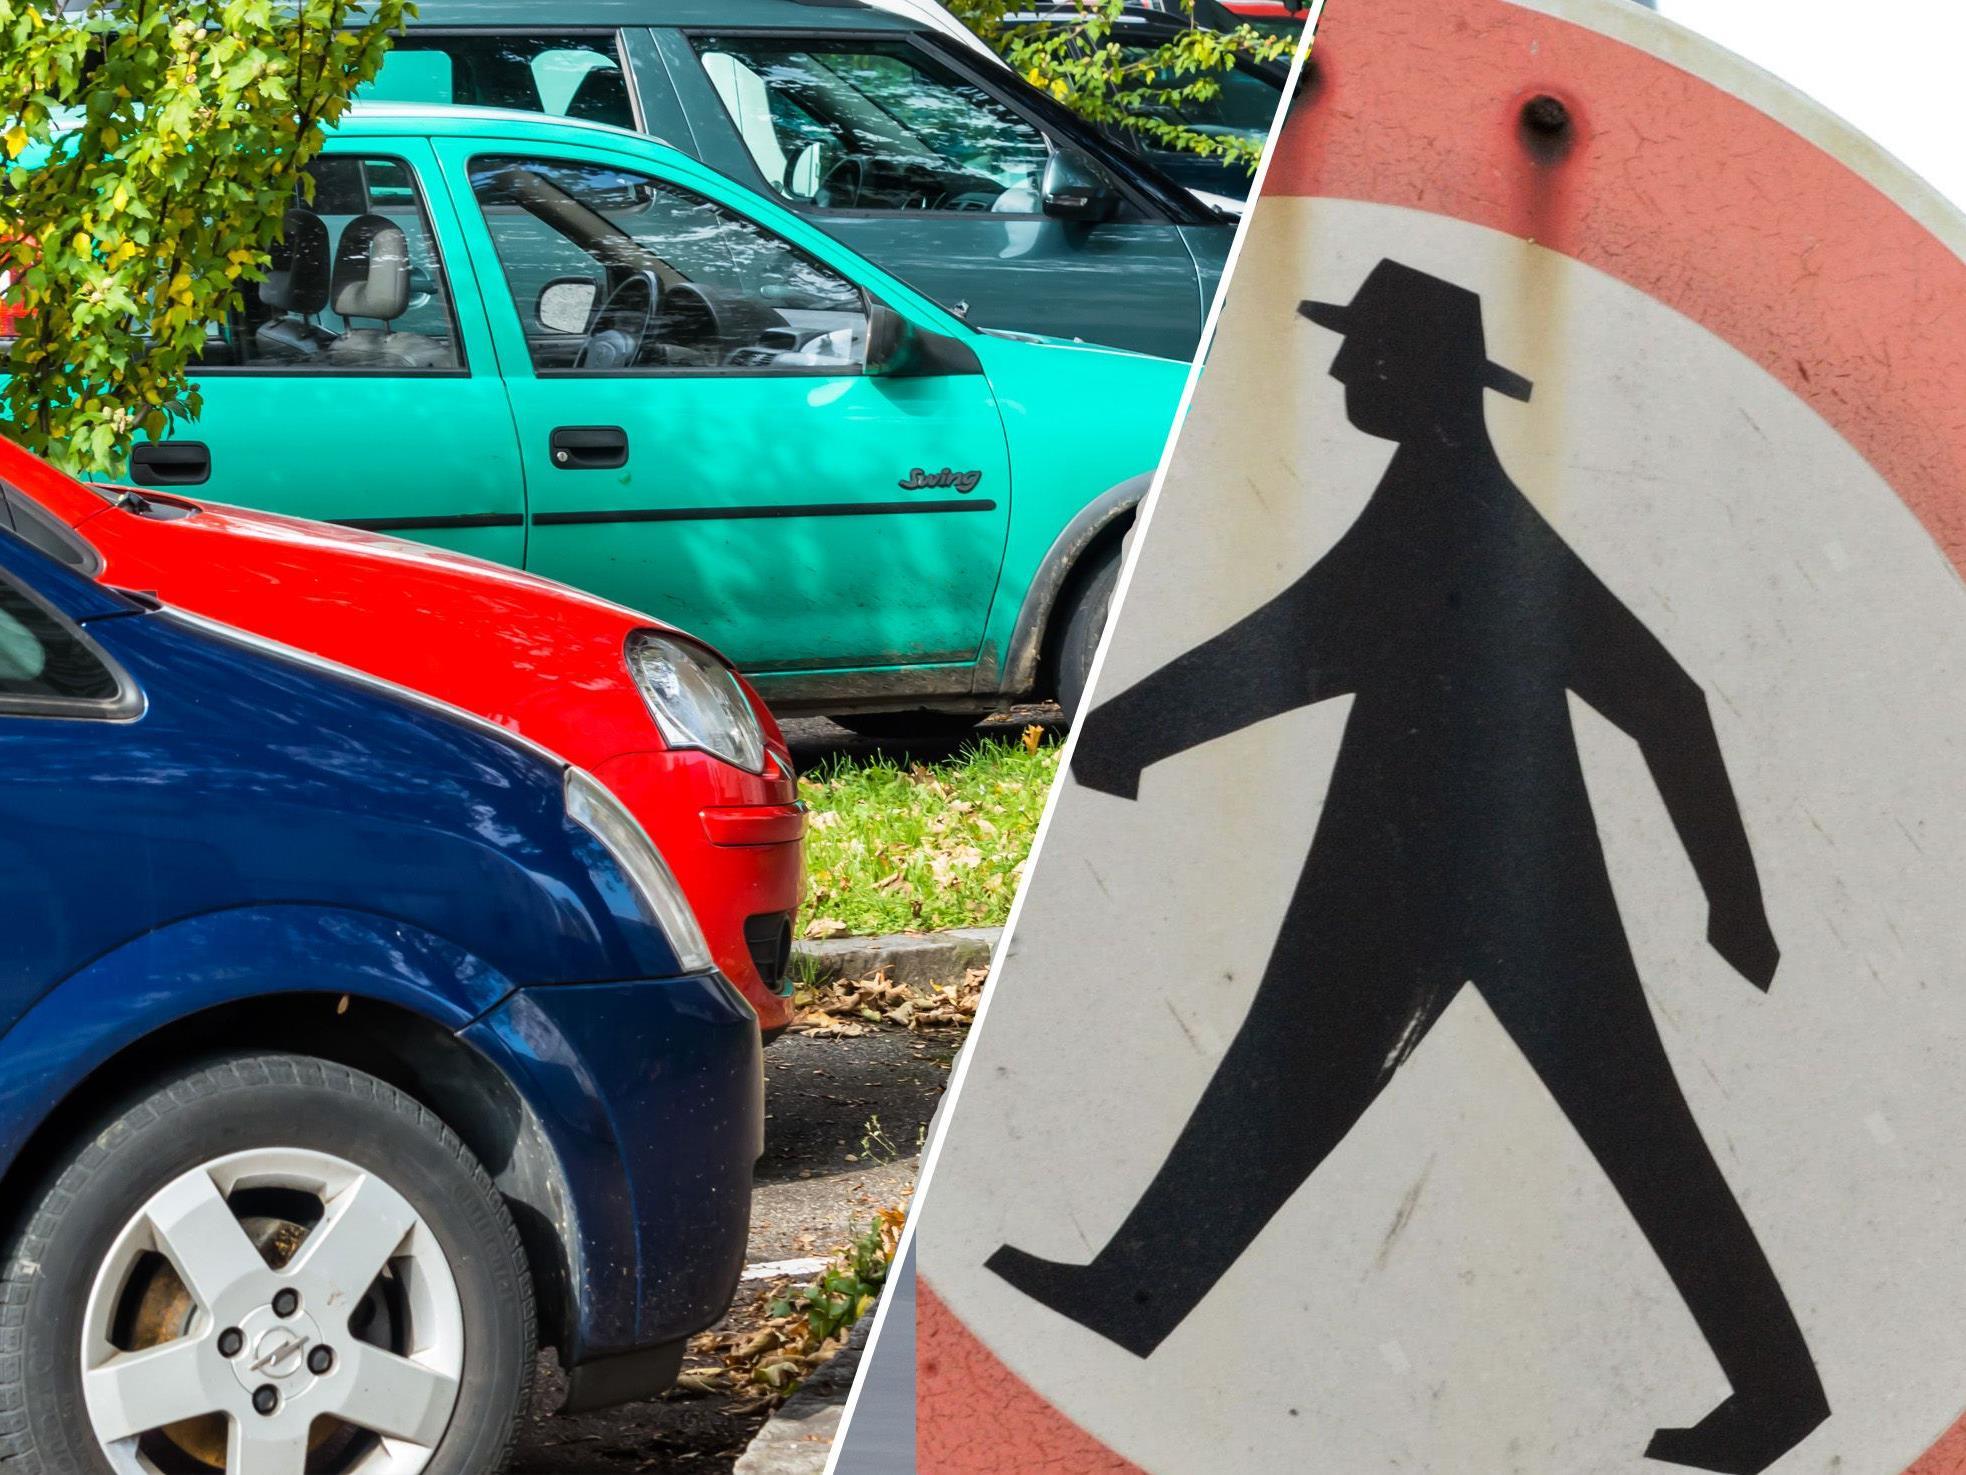 Fußgänger vs. Autofahrerin